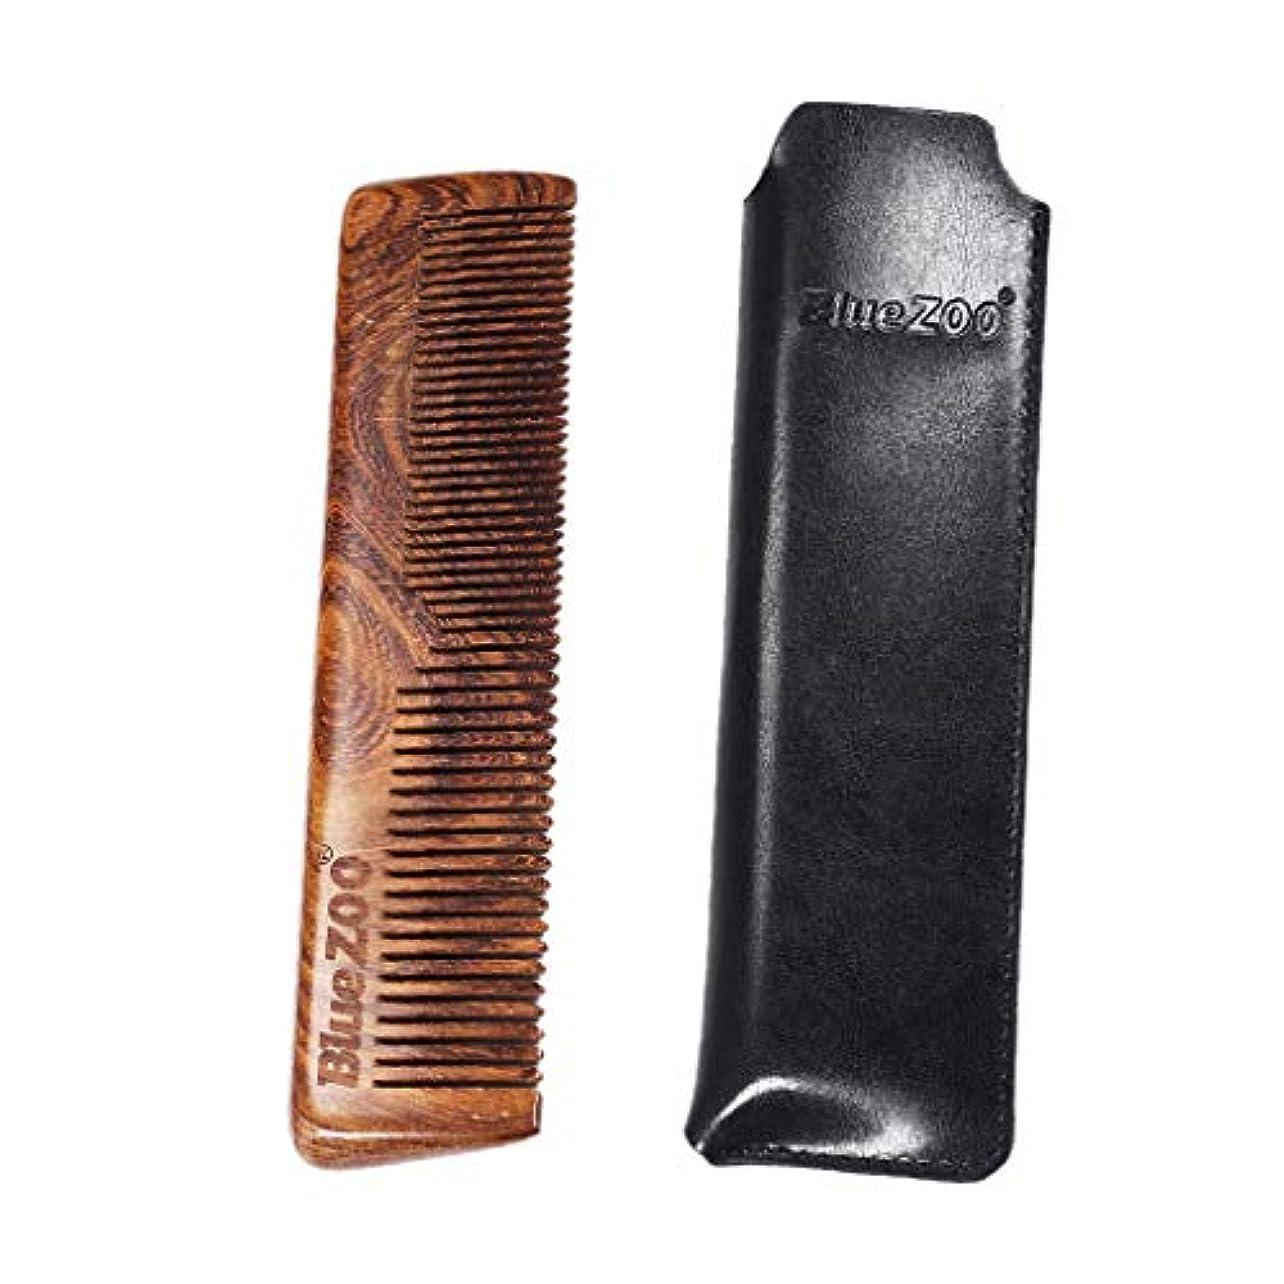 壊れたスリラーリーチToygogo 手作りサンダルウッド木製男性のひげ口ひげ顔の毛の櫛グルーミングスタイリングシェーピングツールと男性用理容室用PUケース - ブラック